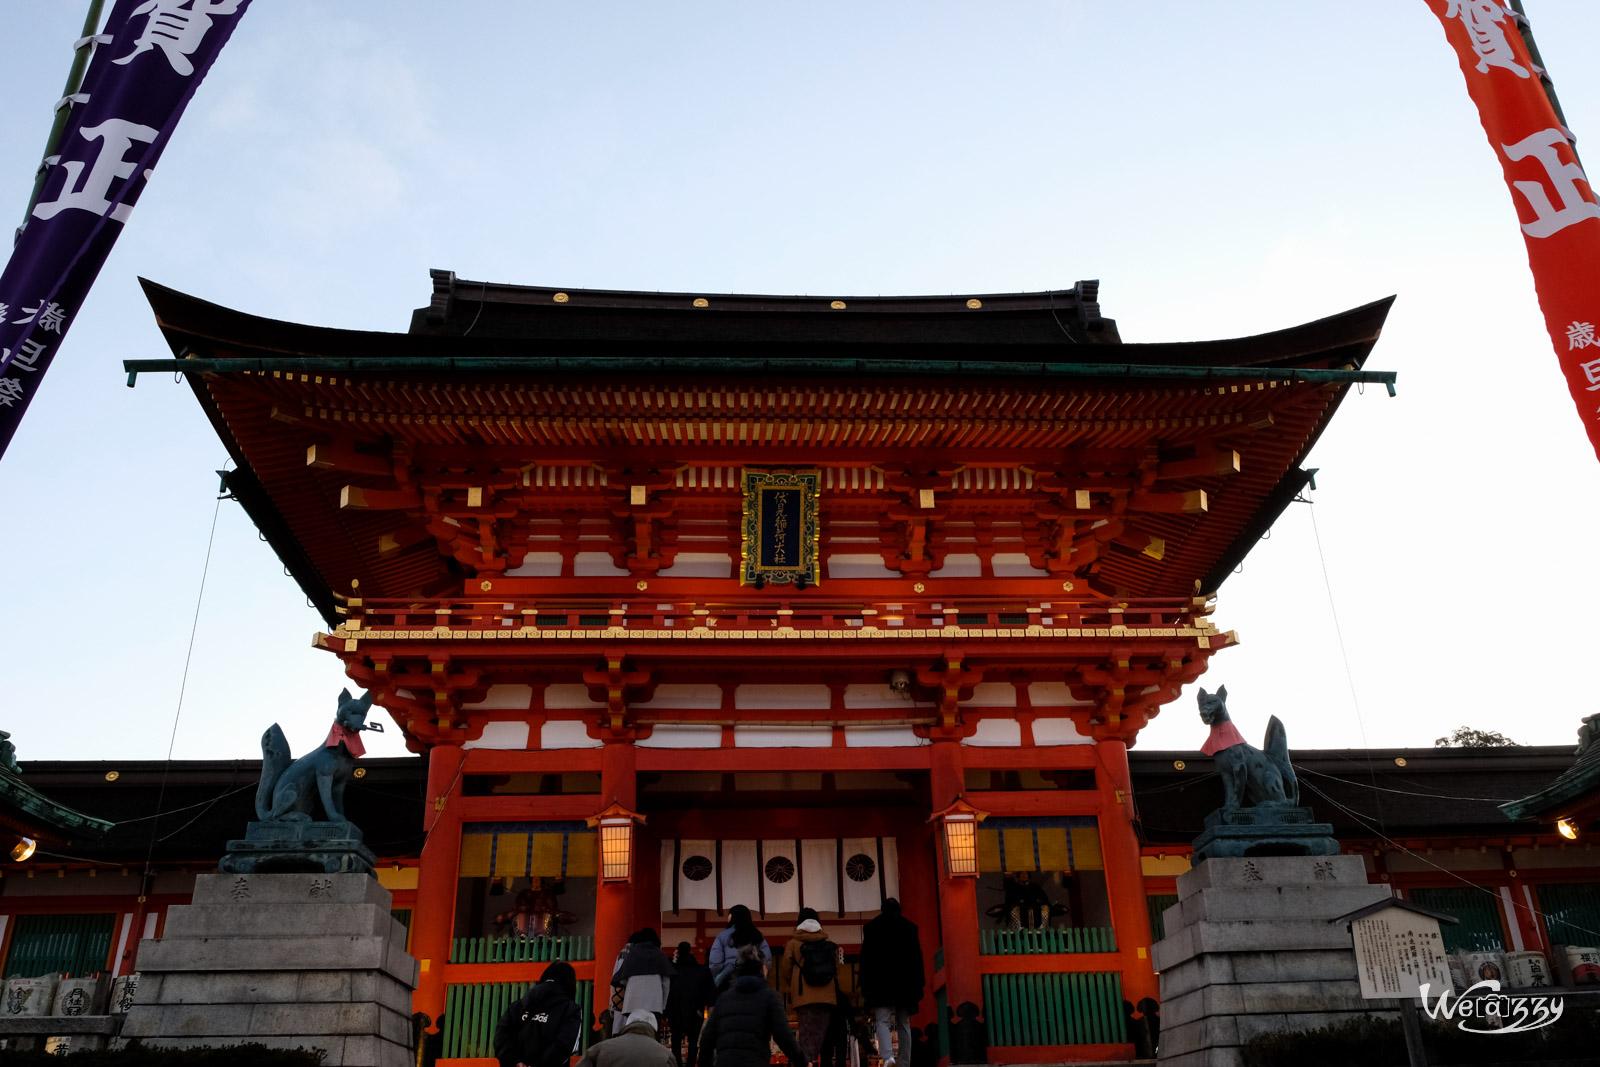 Japon, Kyoto, Voyage, Fushimi Inari Taisha, Temple